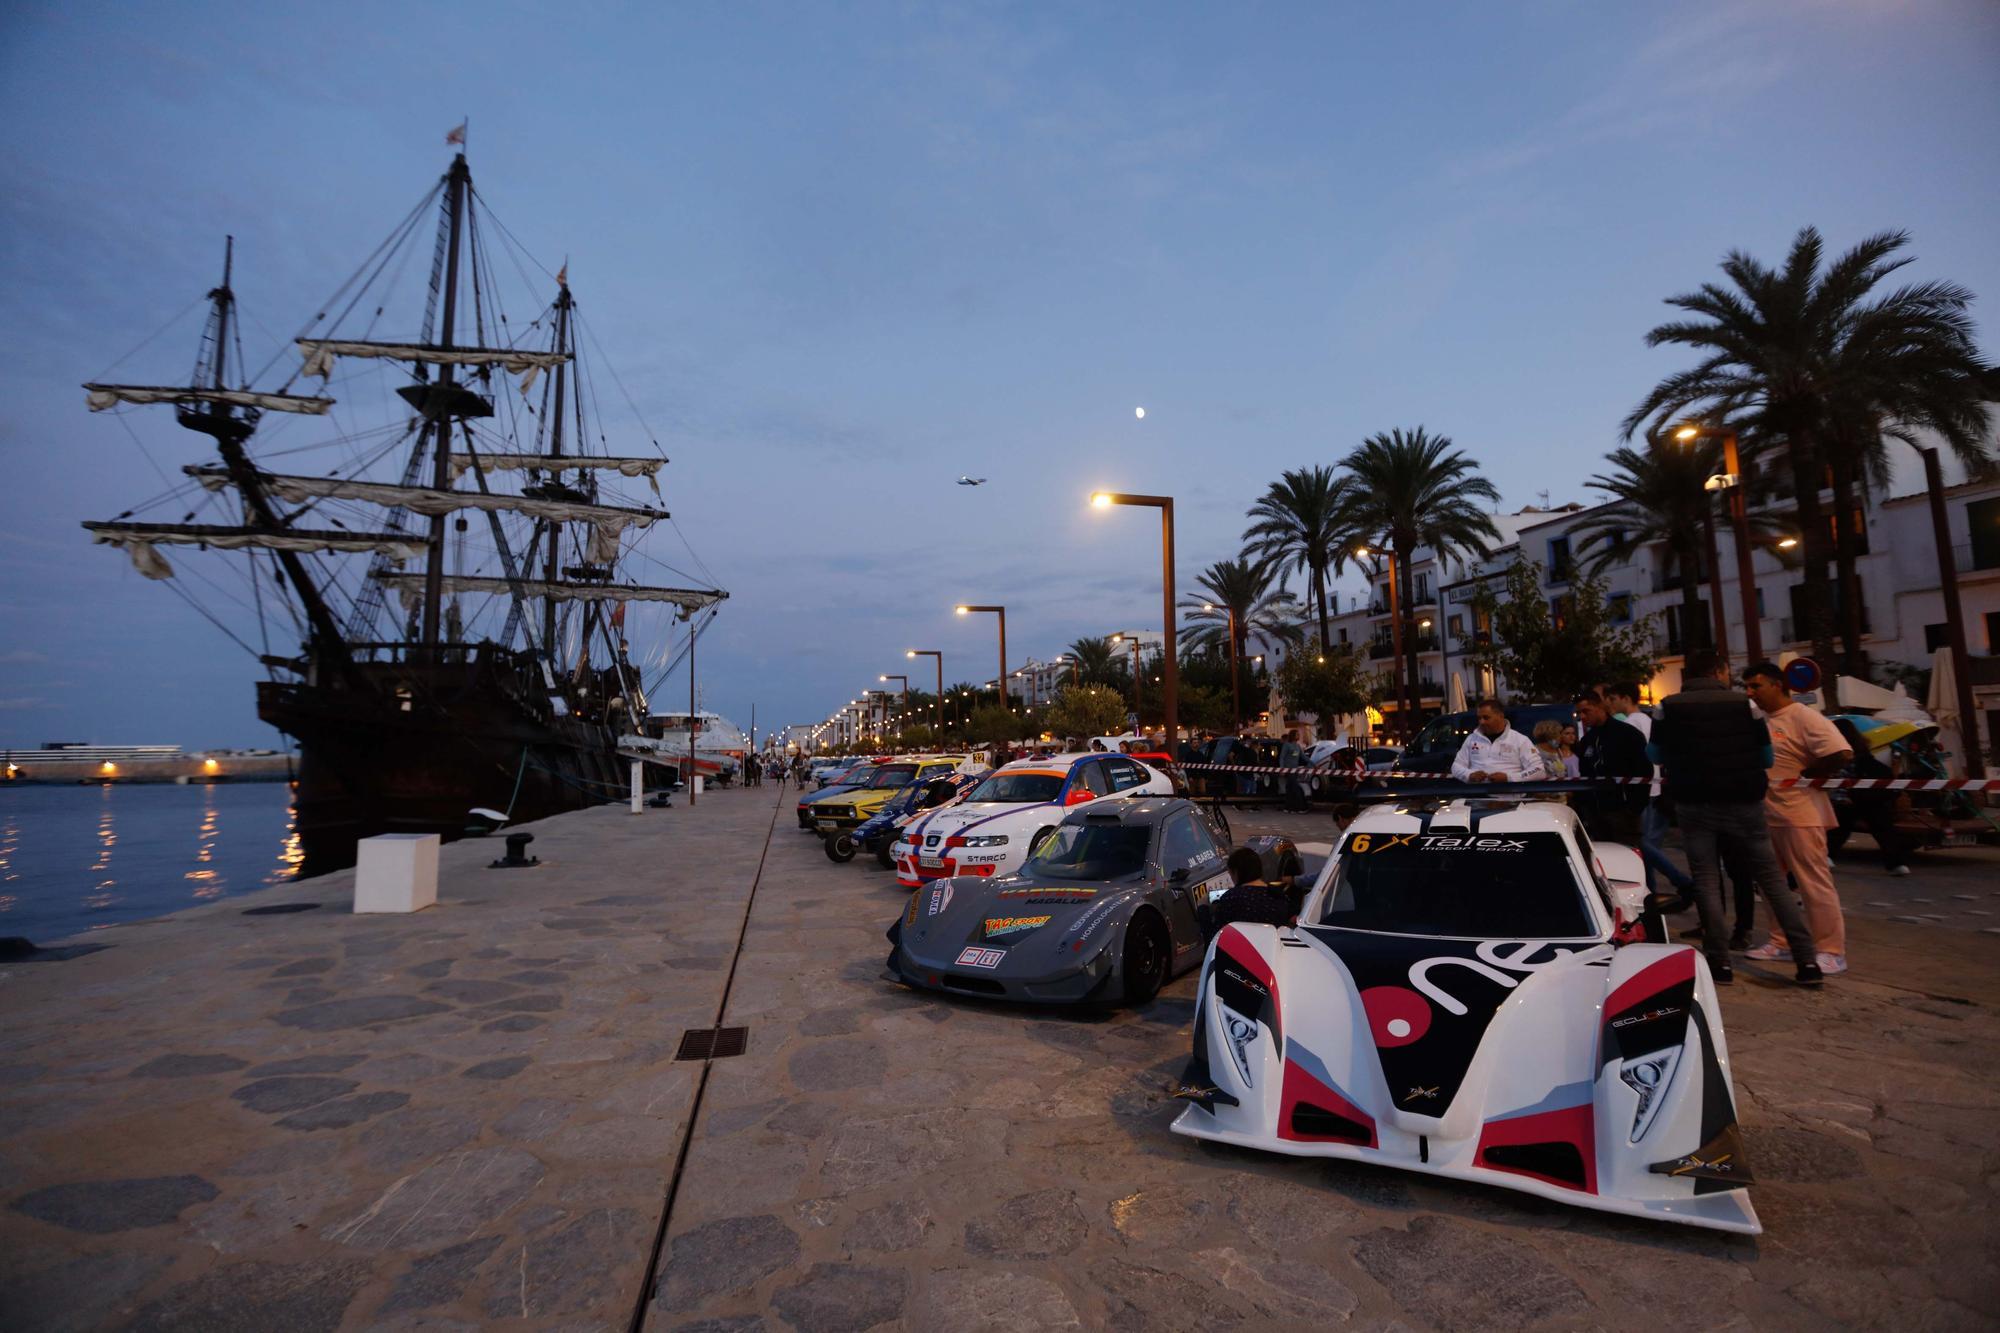 Escaparate de lujo en la Pujada a sa Cala en el puerto de Ibiza